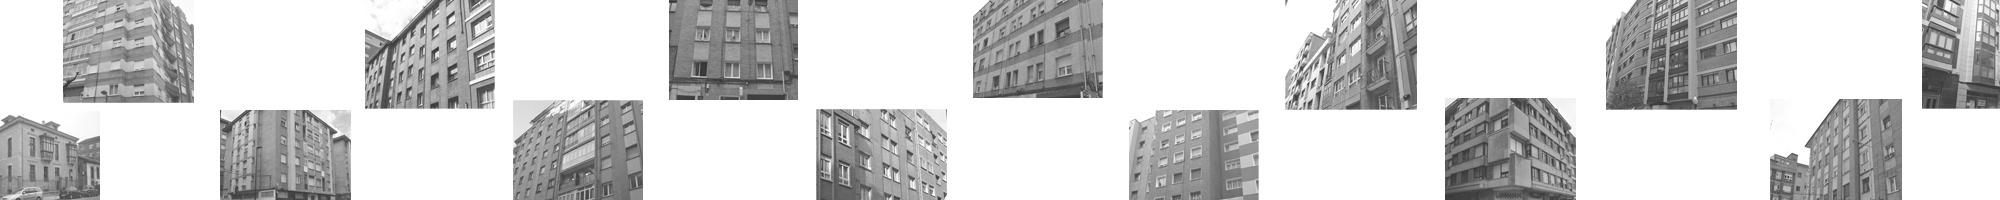 ITV Edificios Asturias contacto. Informe de evaluacion del edificio Lastra Arquitectos Gijon Asturias